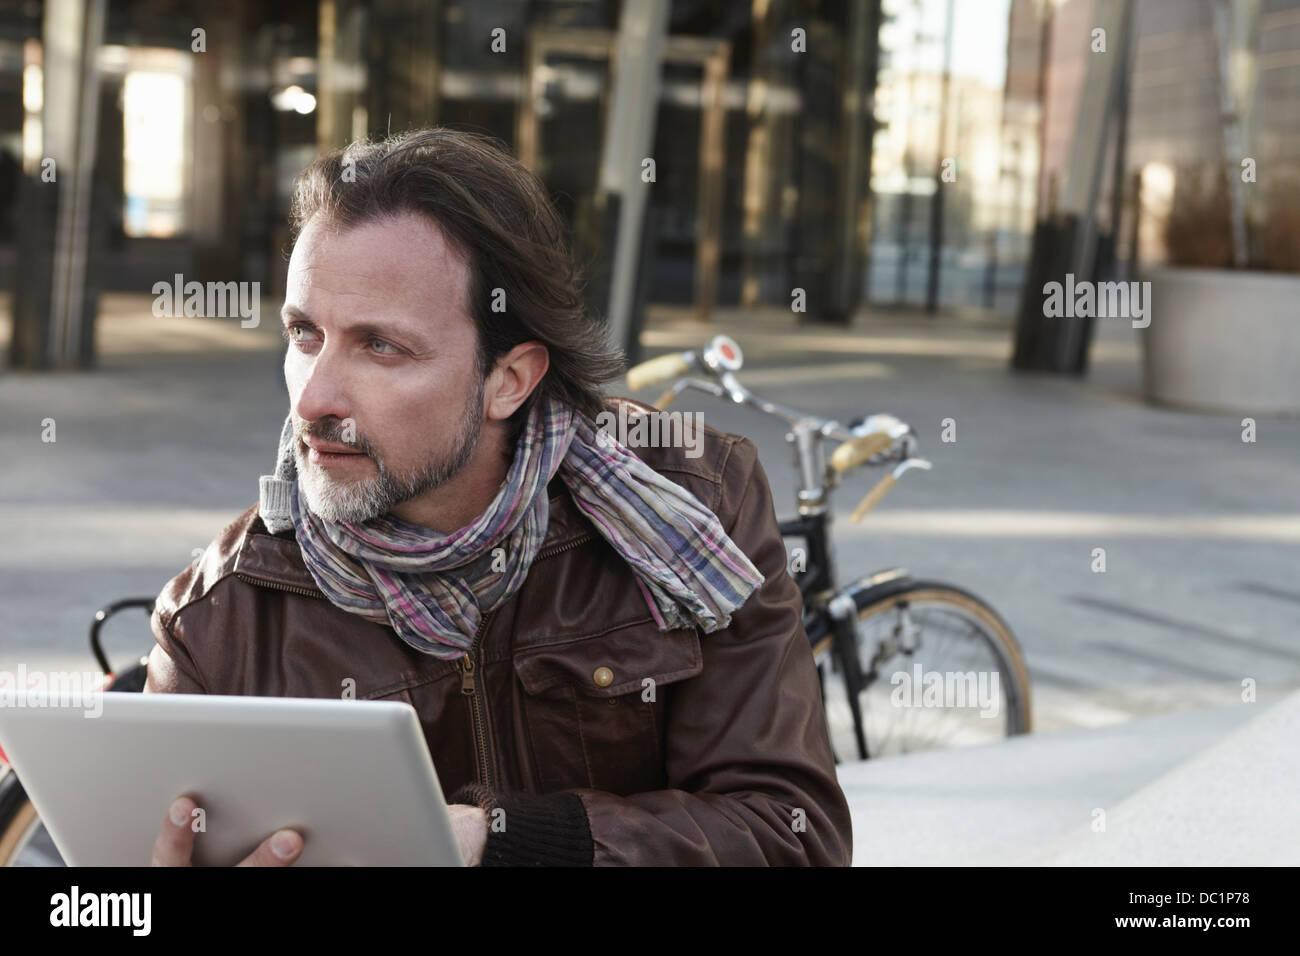 Mitte erwachsener Mann mit digital-Tablette in Stadt Stockbild